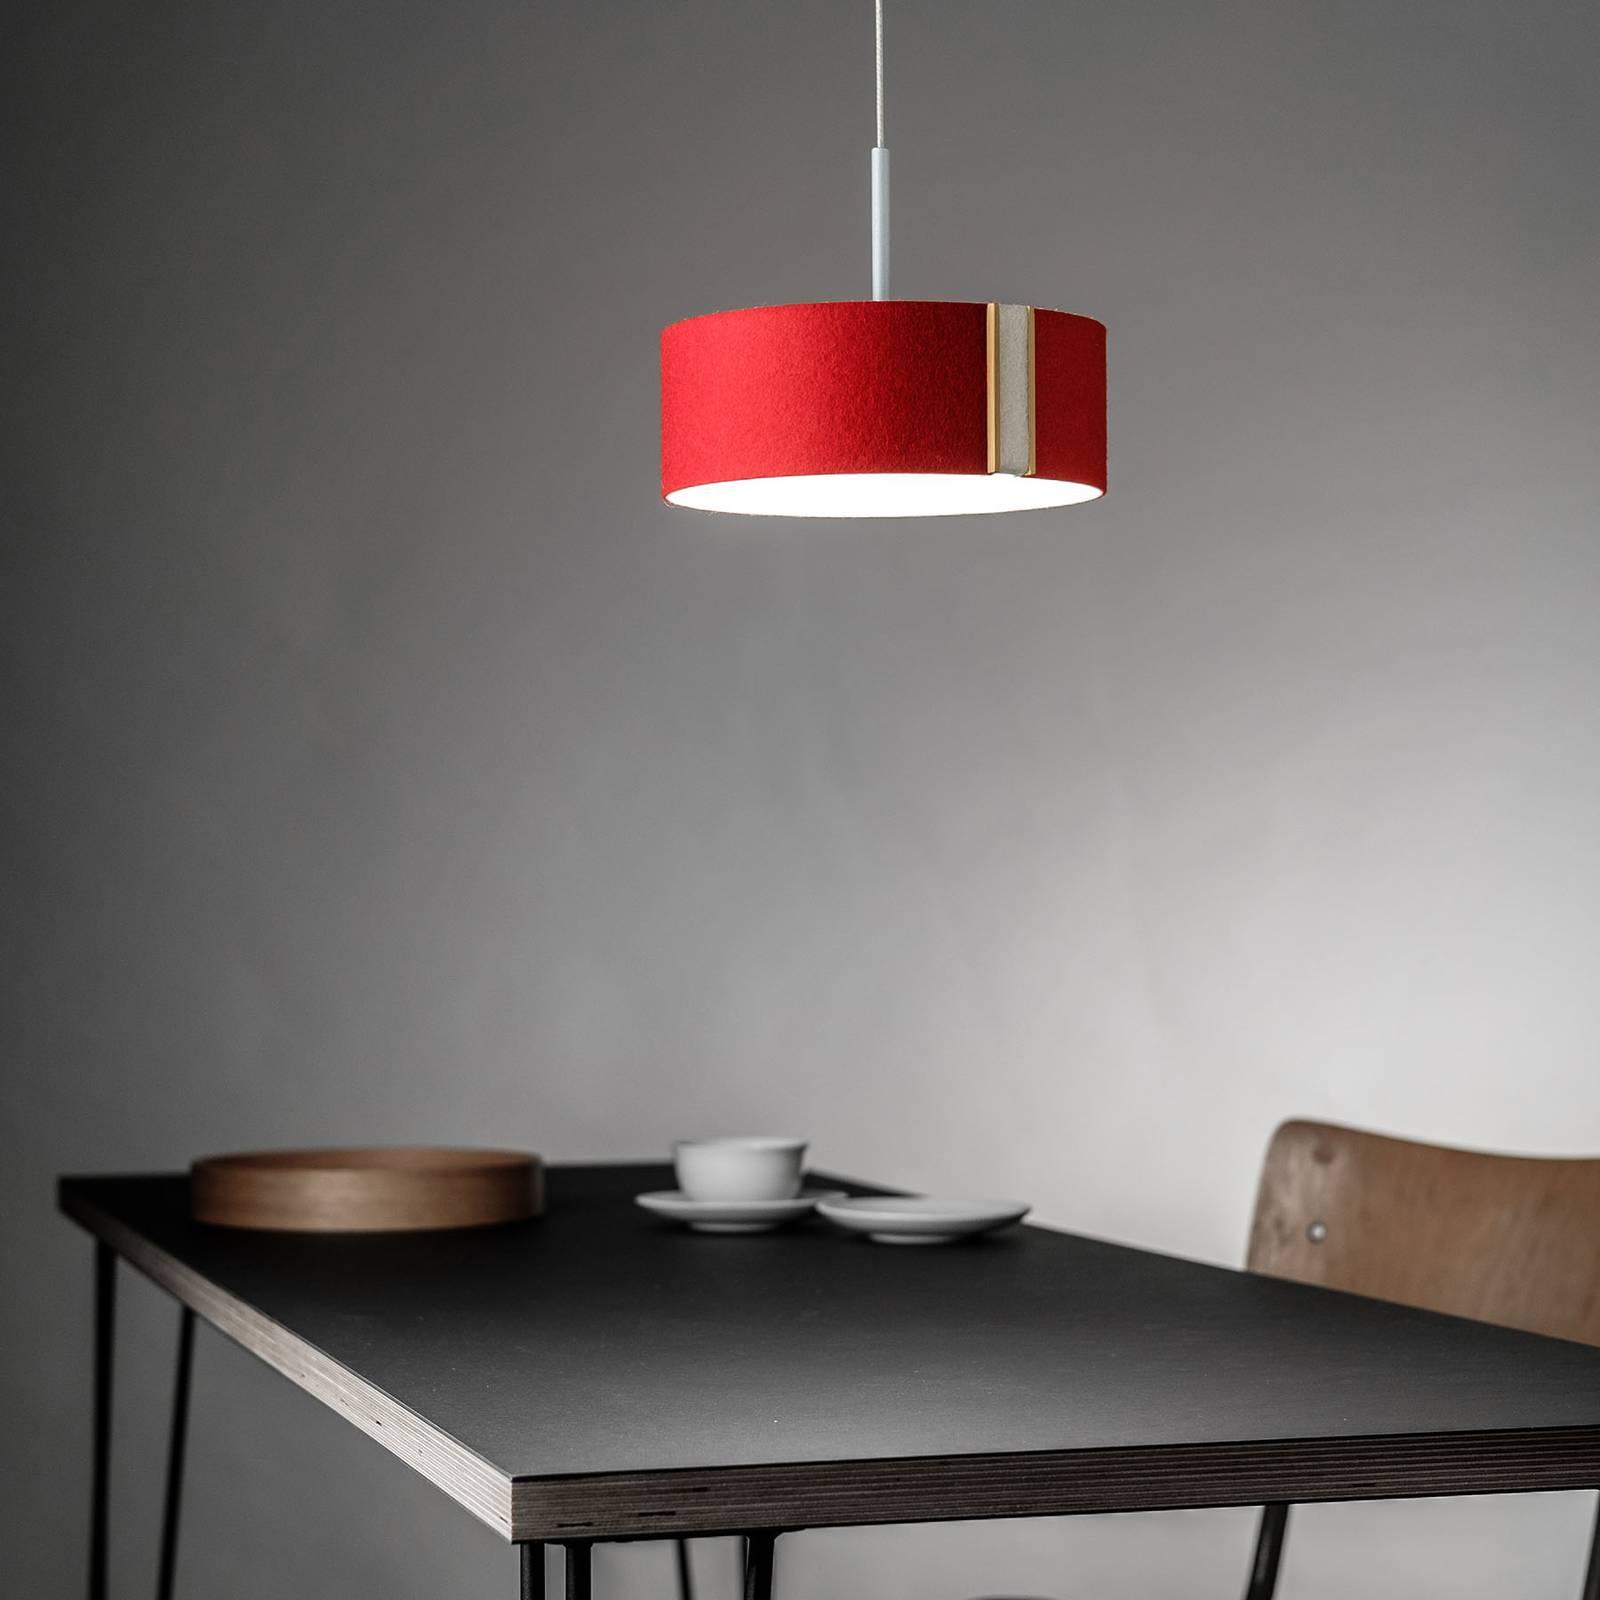 LED-riippuvalaisin LARAfelt S, 20cm punainen/villa